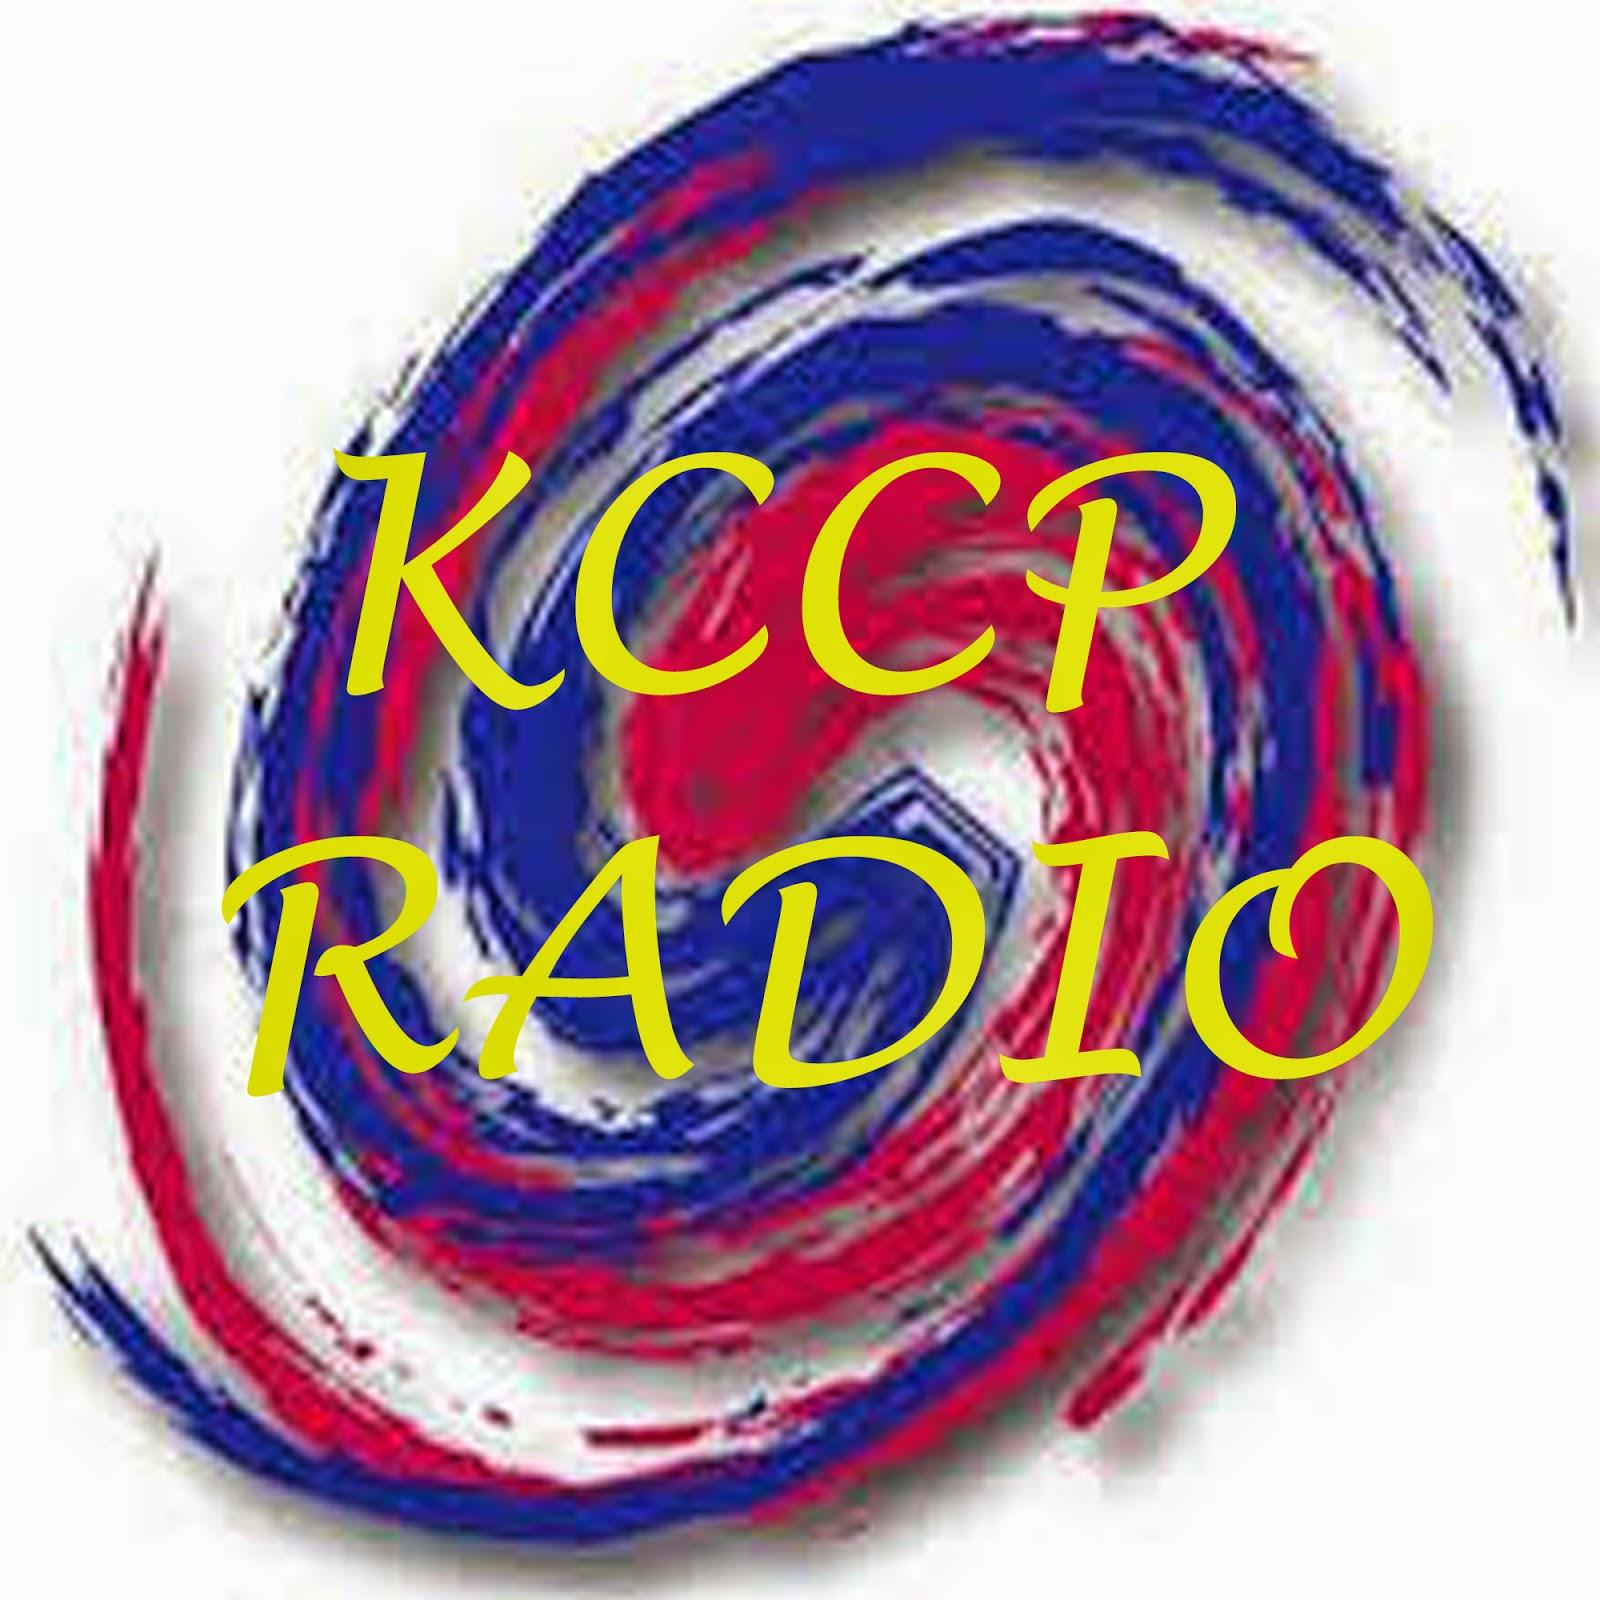 KCCP Radio